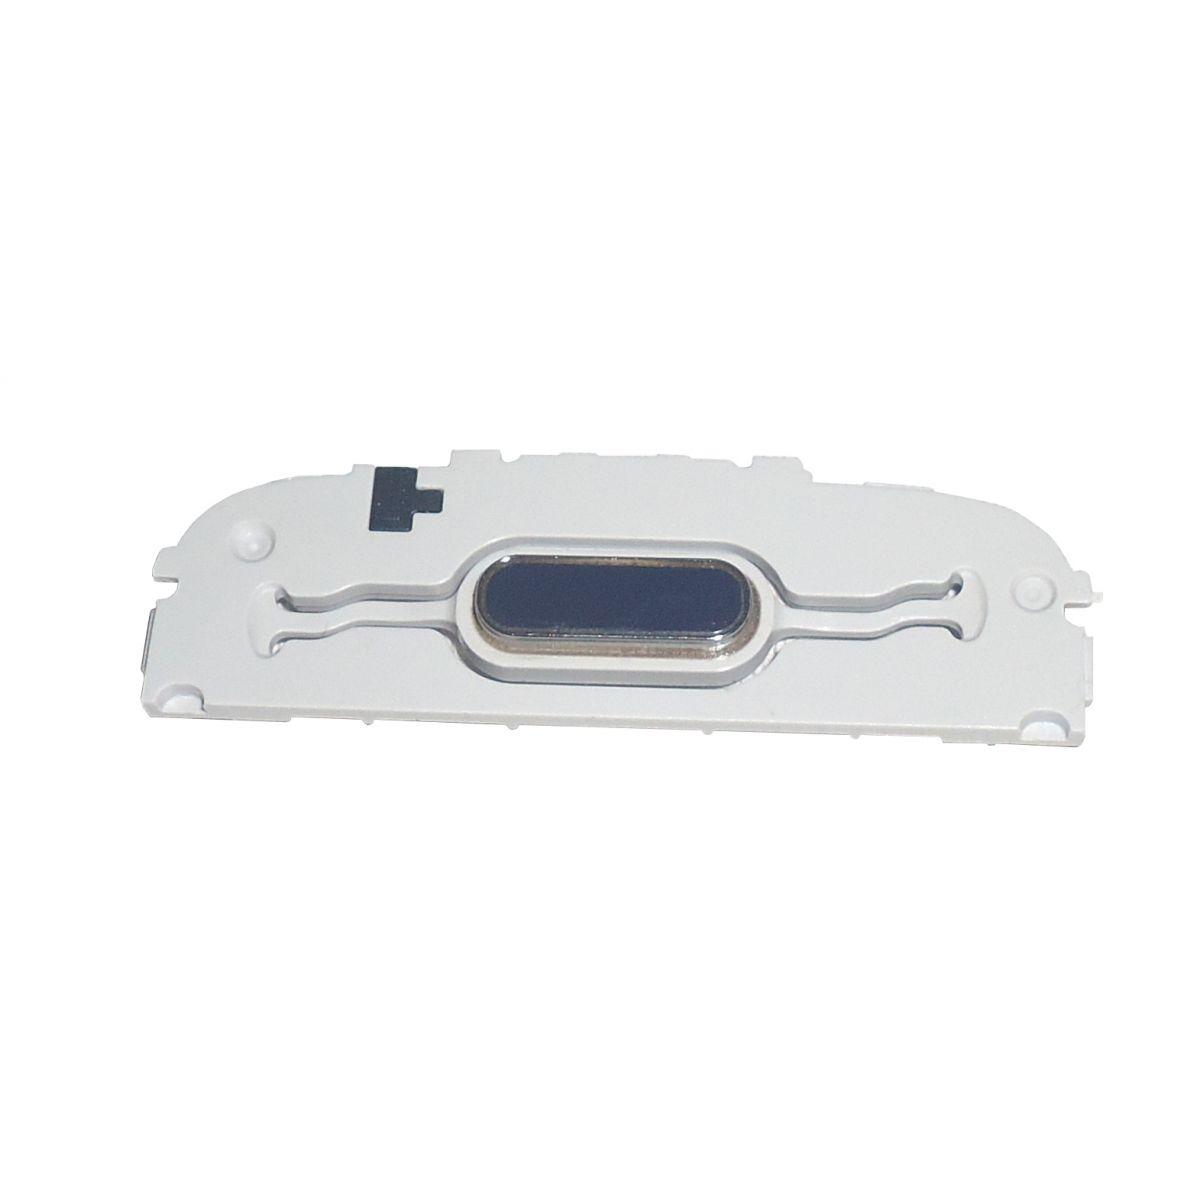 Conector Botão Home Samsung Galaxy Pocket 2 G110